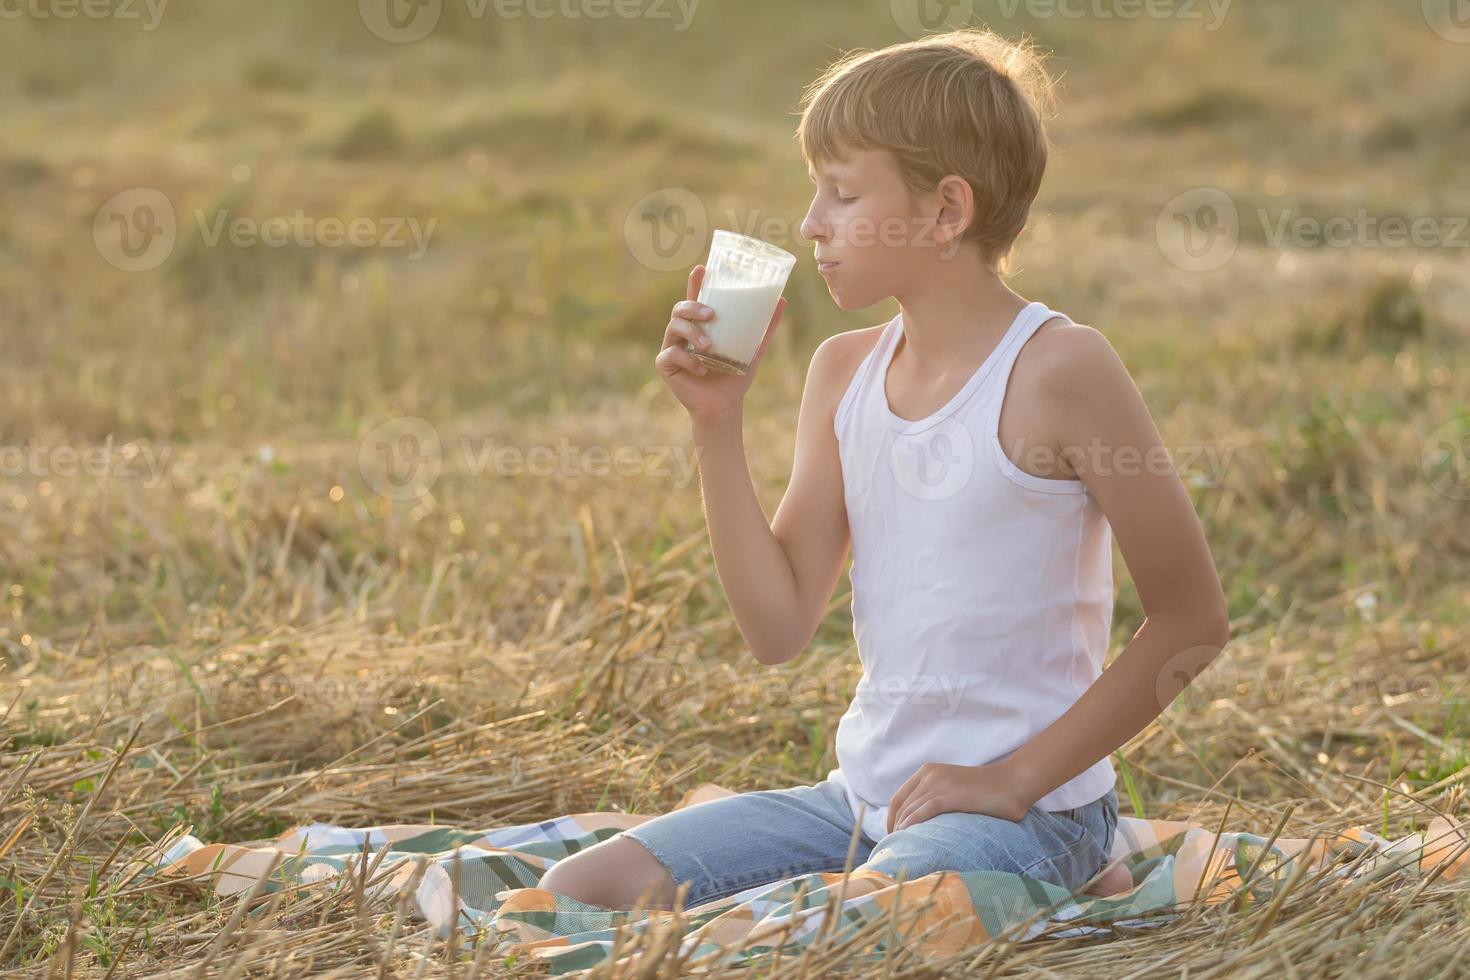 Teenage boy with closed eyes enjoys milk photo